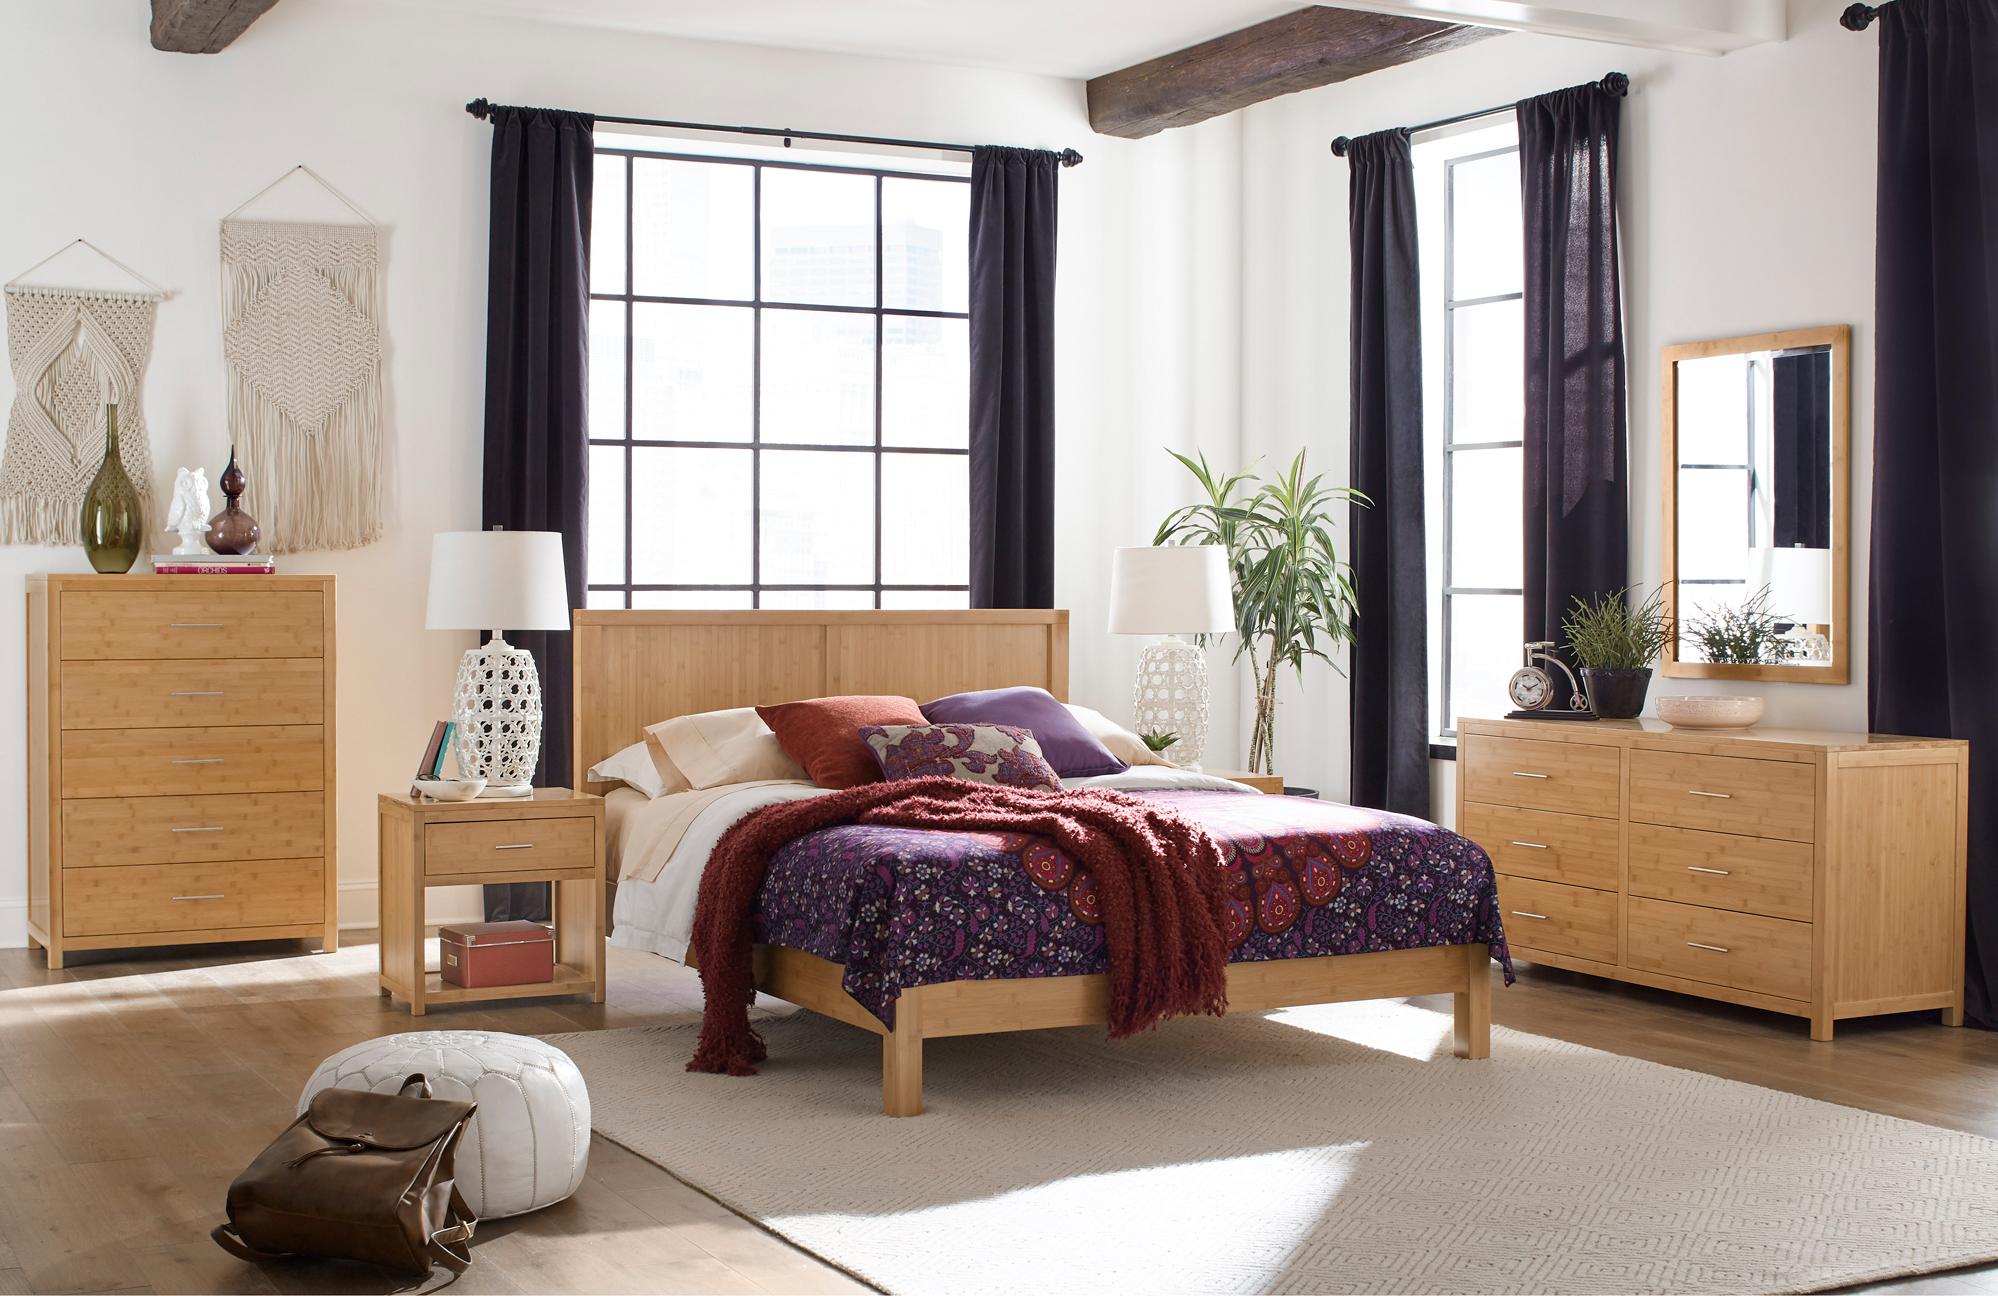 Niko 6-piece Bedroom Set